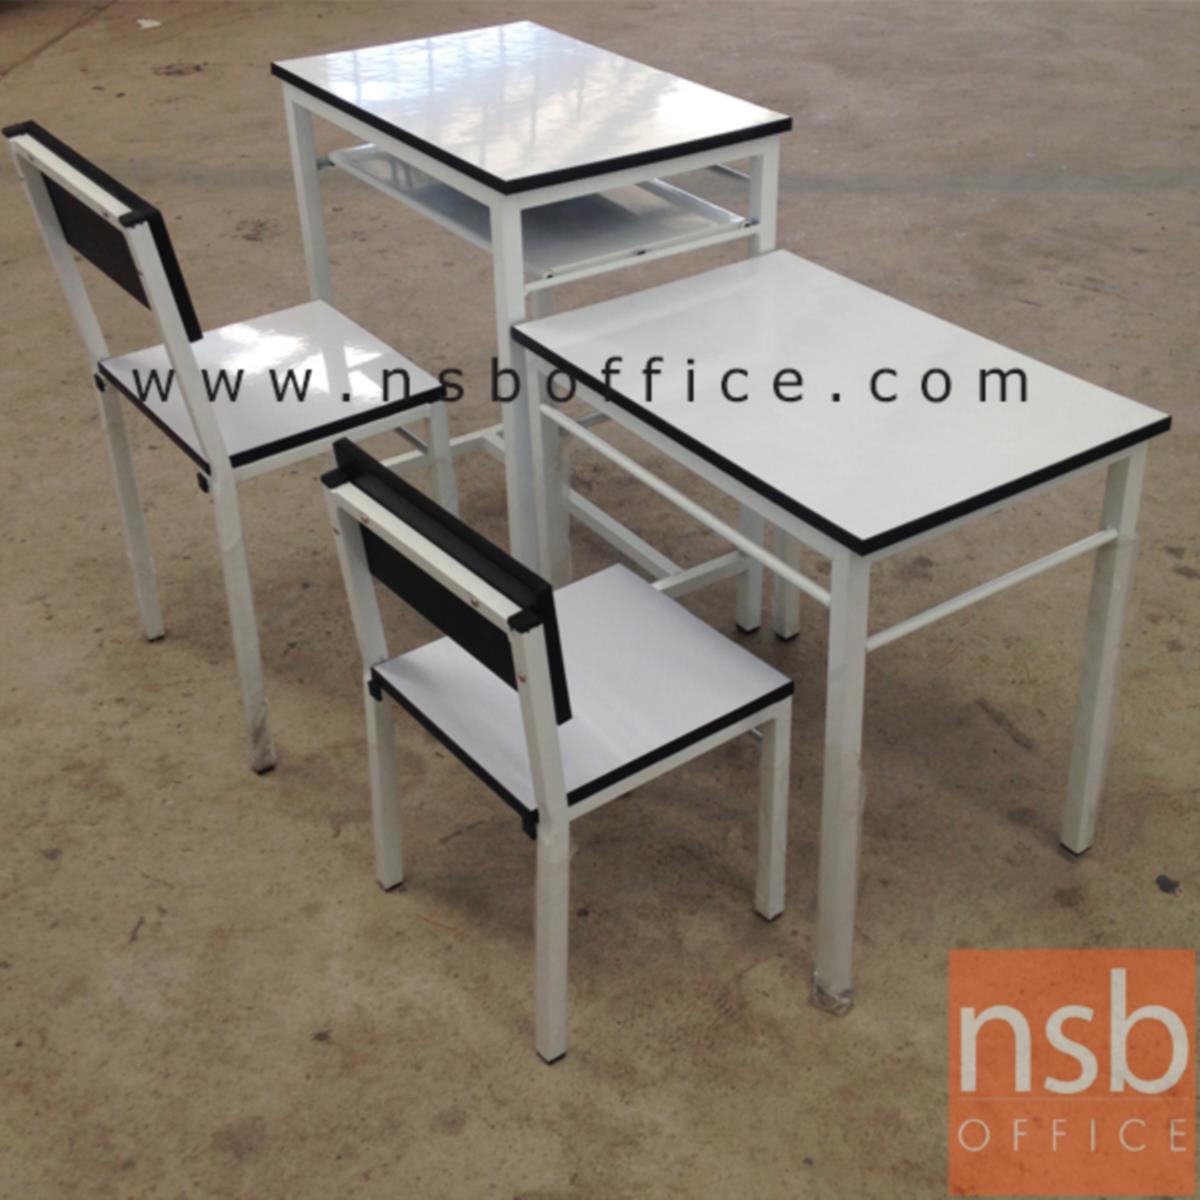 ชุดโต๊ะและเก้านักเรียน รุ่น TC-06  ระดับเด็กเล็ก โครงเหล็กสีขาว